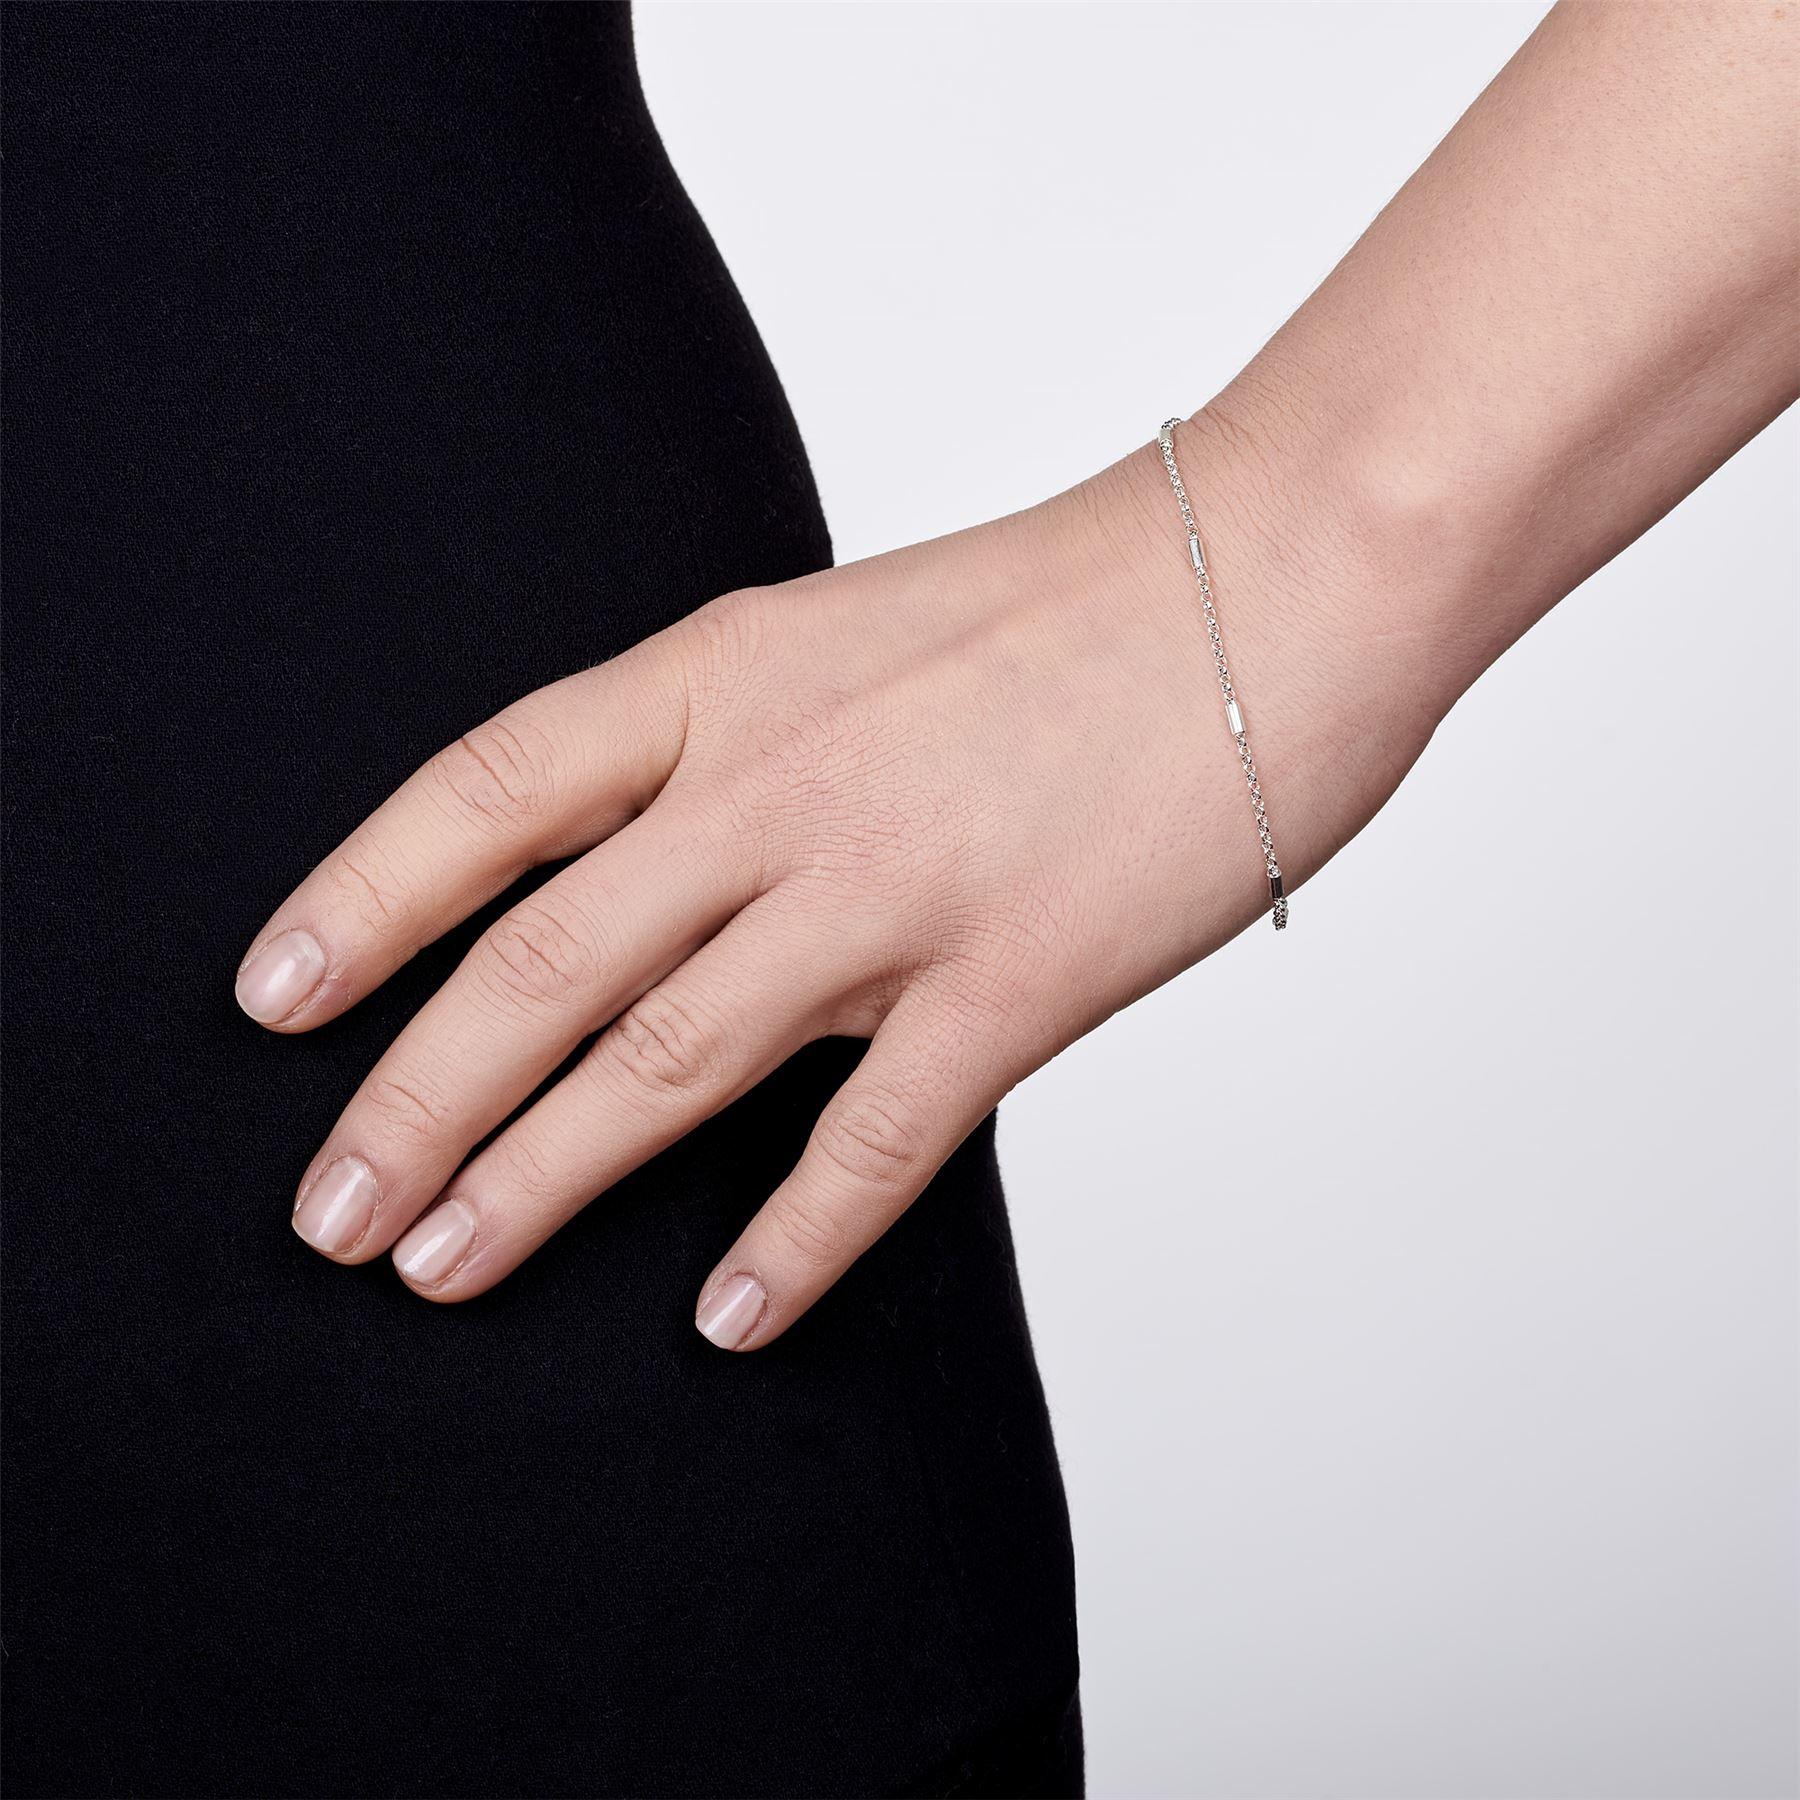 Amberta-Bijoux-Bracelet-en-Vrai-Argent-Sterling-925-Chaine-pour-Femme-a-la-Mode thumbnail 35